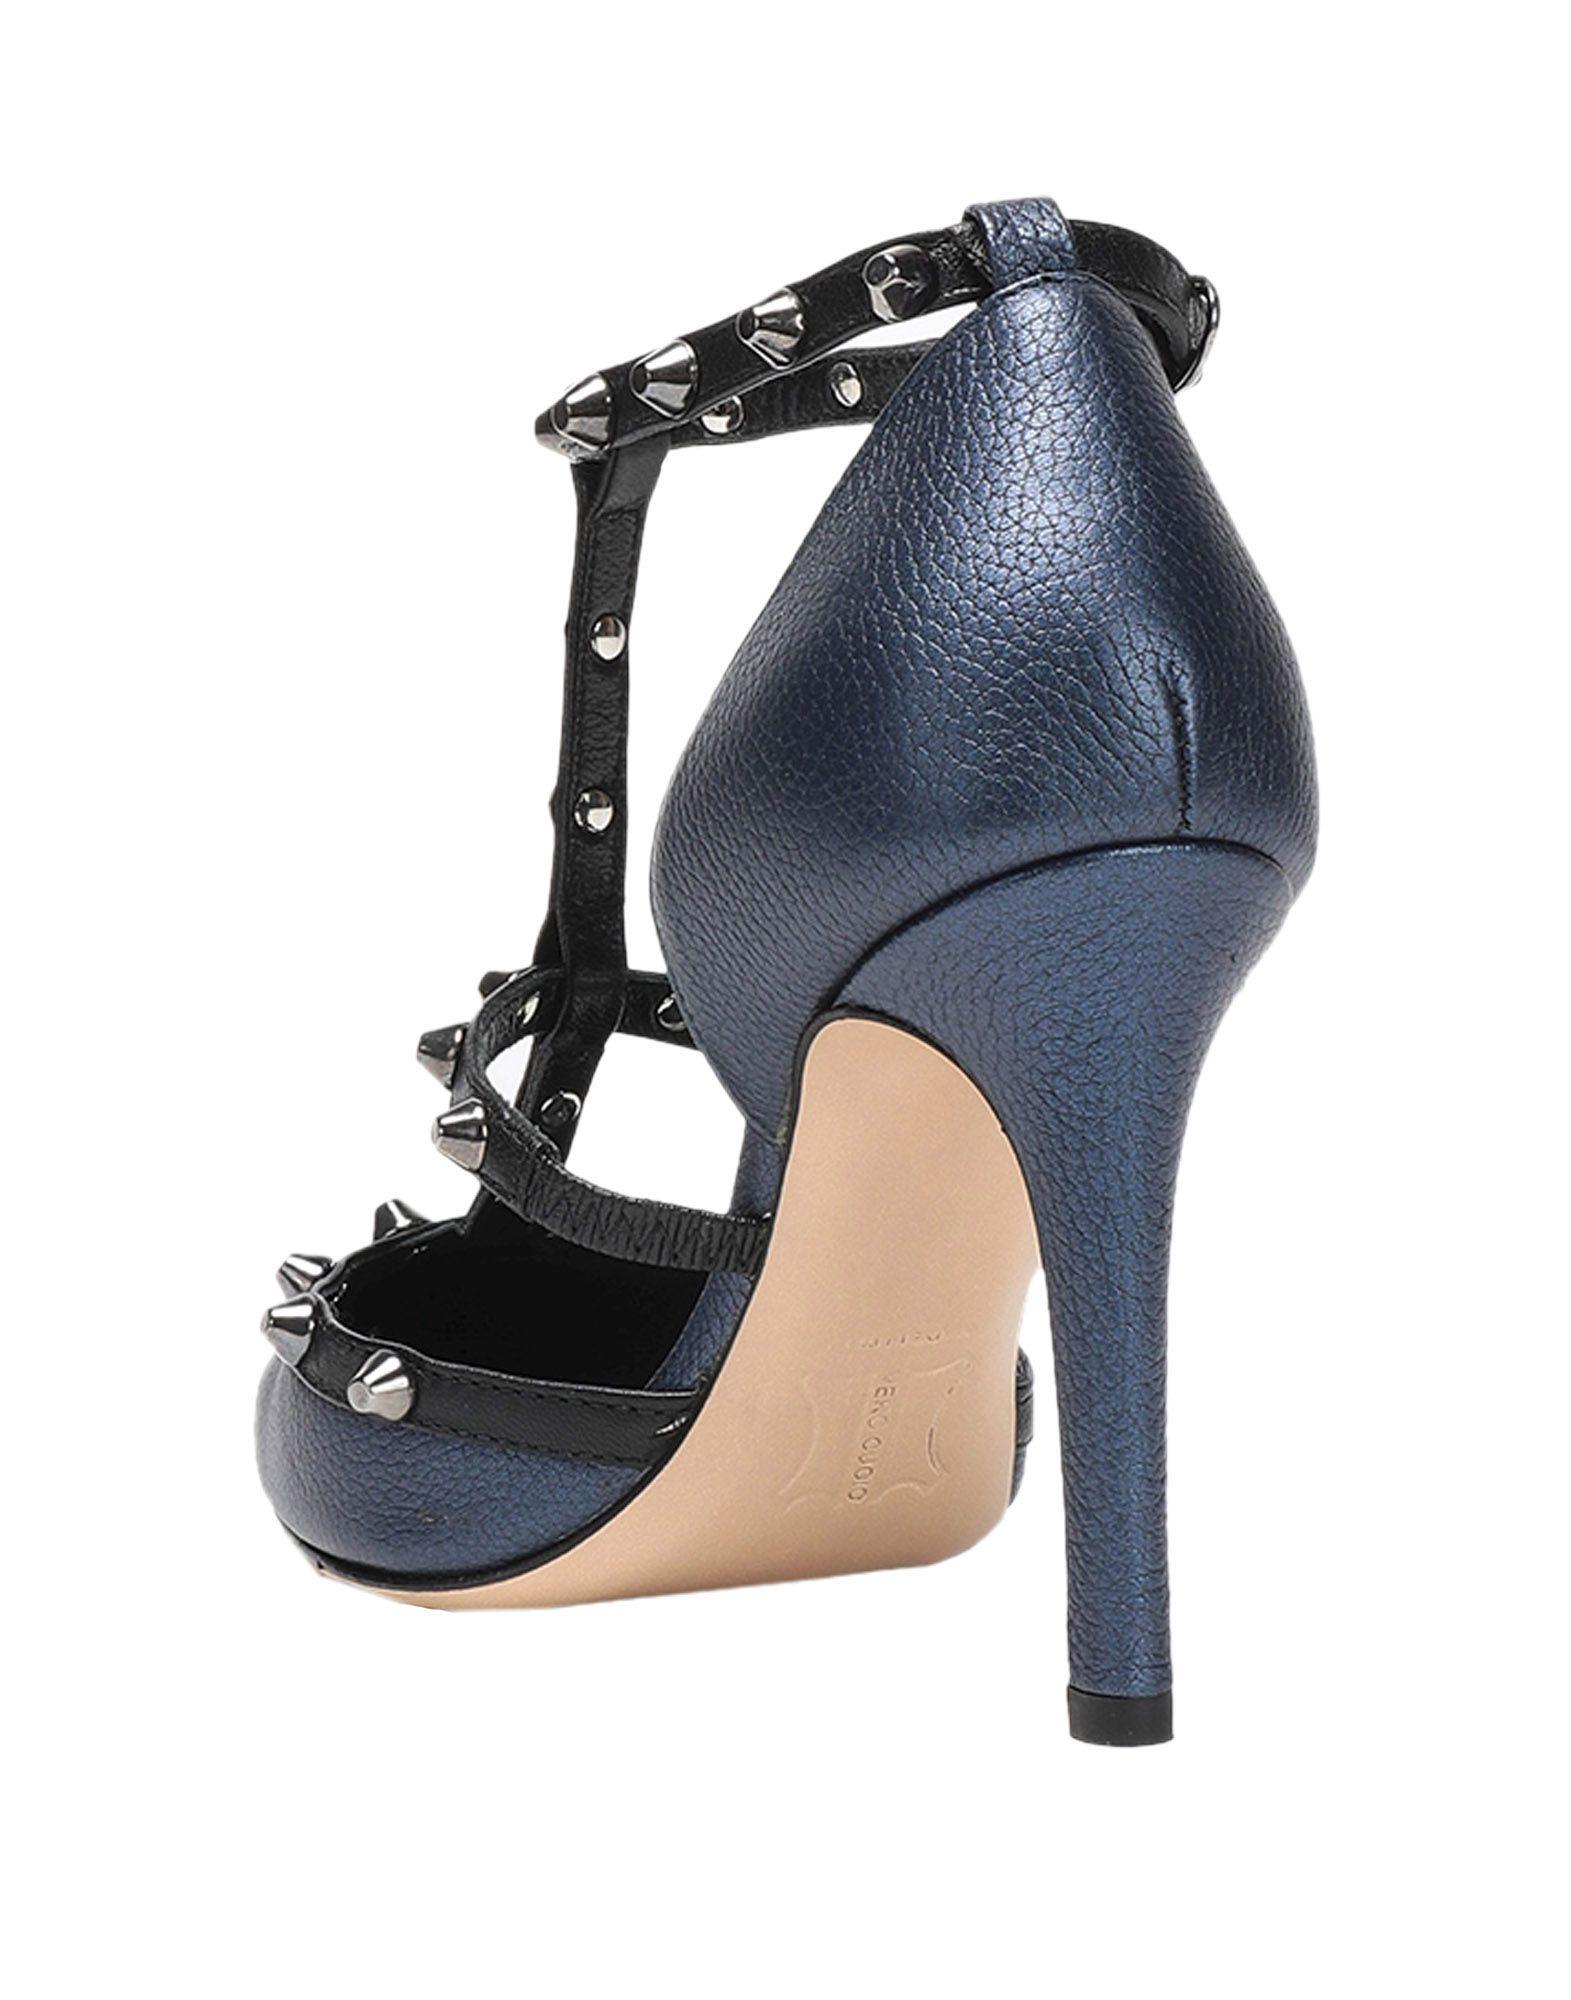 Juli Pascal Paris Pumps Damen beliebte  11555973OJ Gute Qualität beliebte Damen Schuhe 593dd0